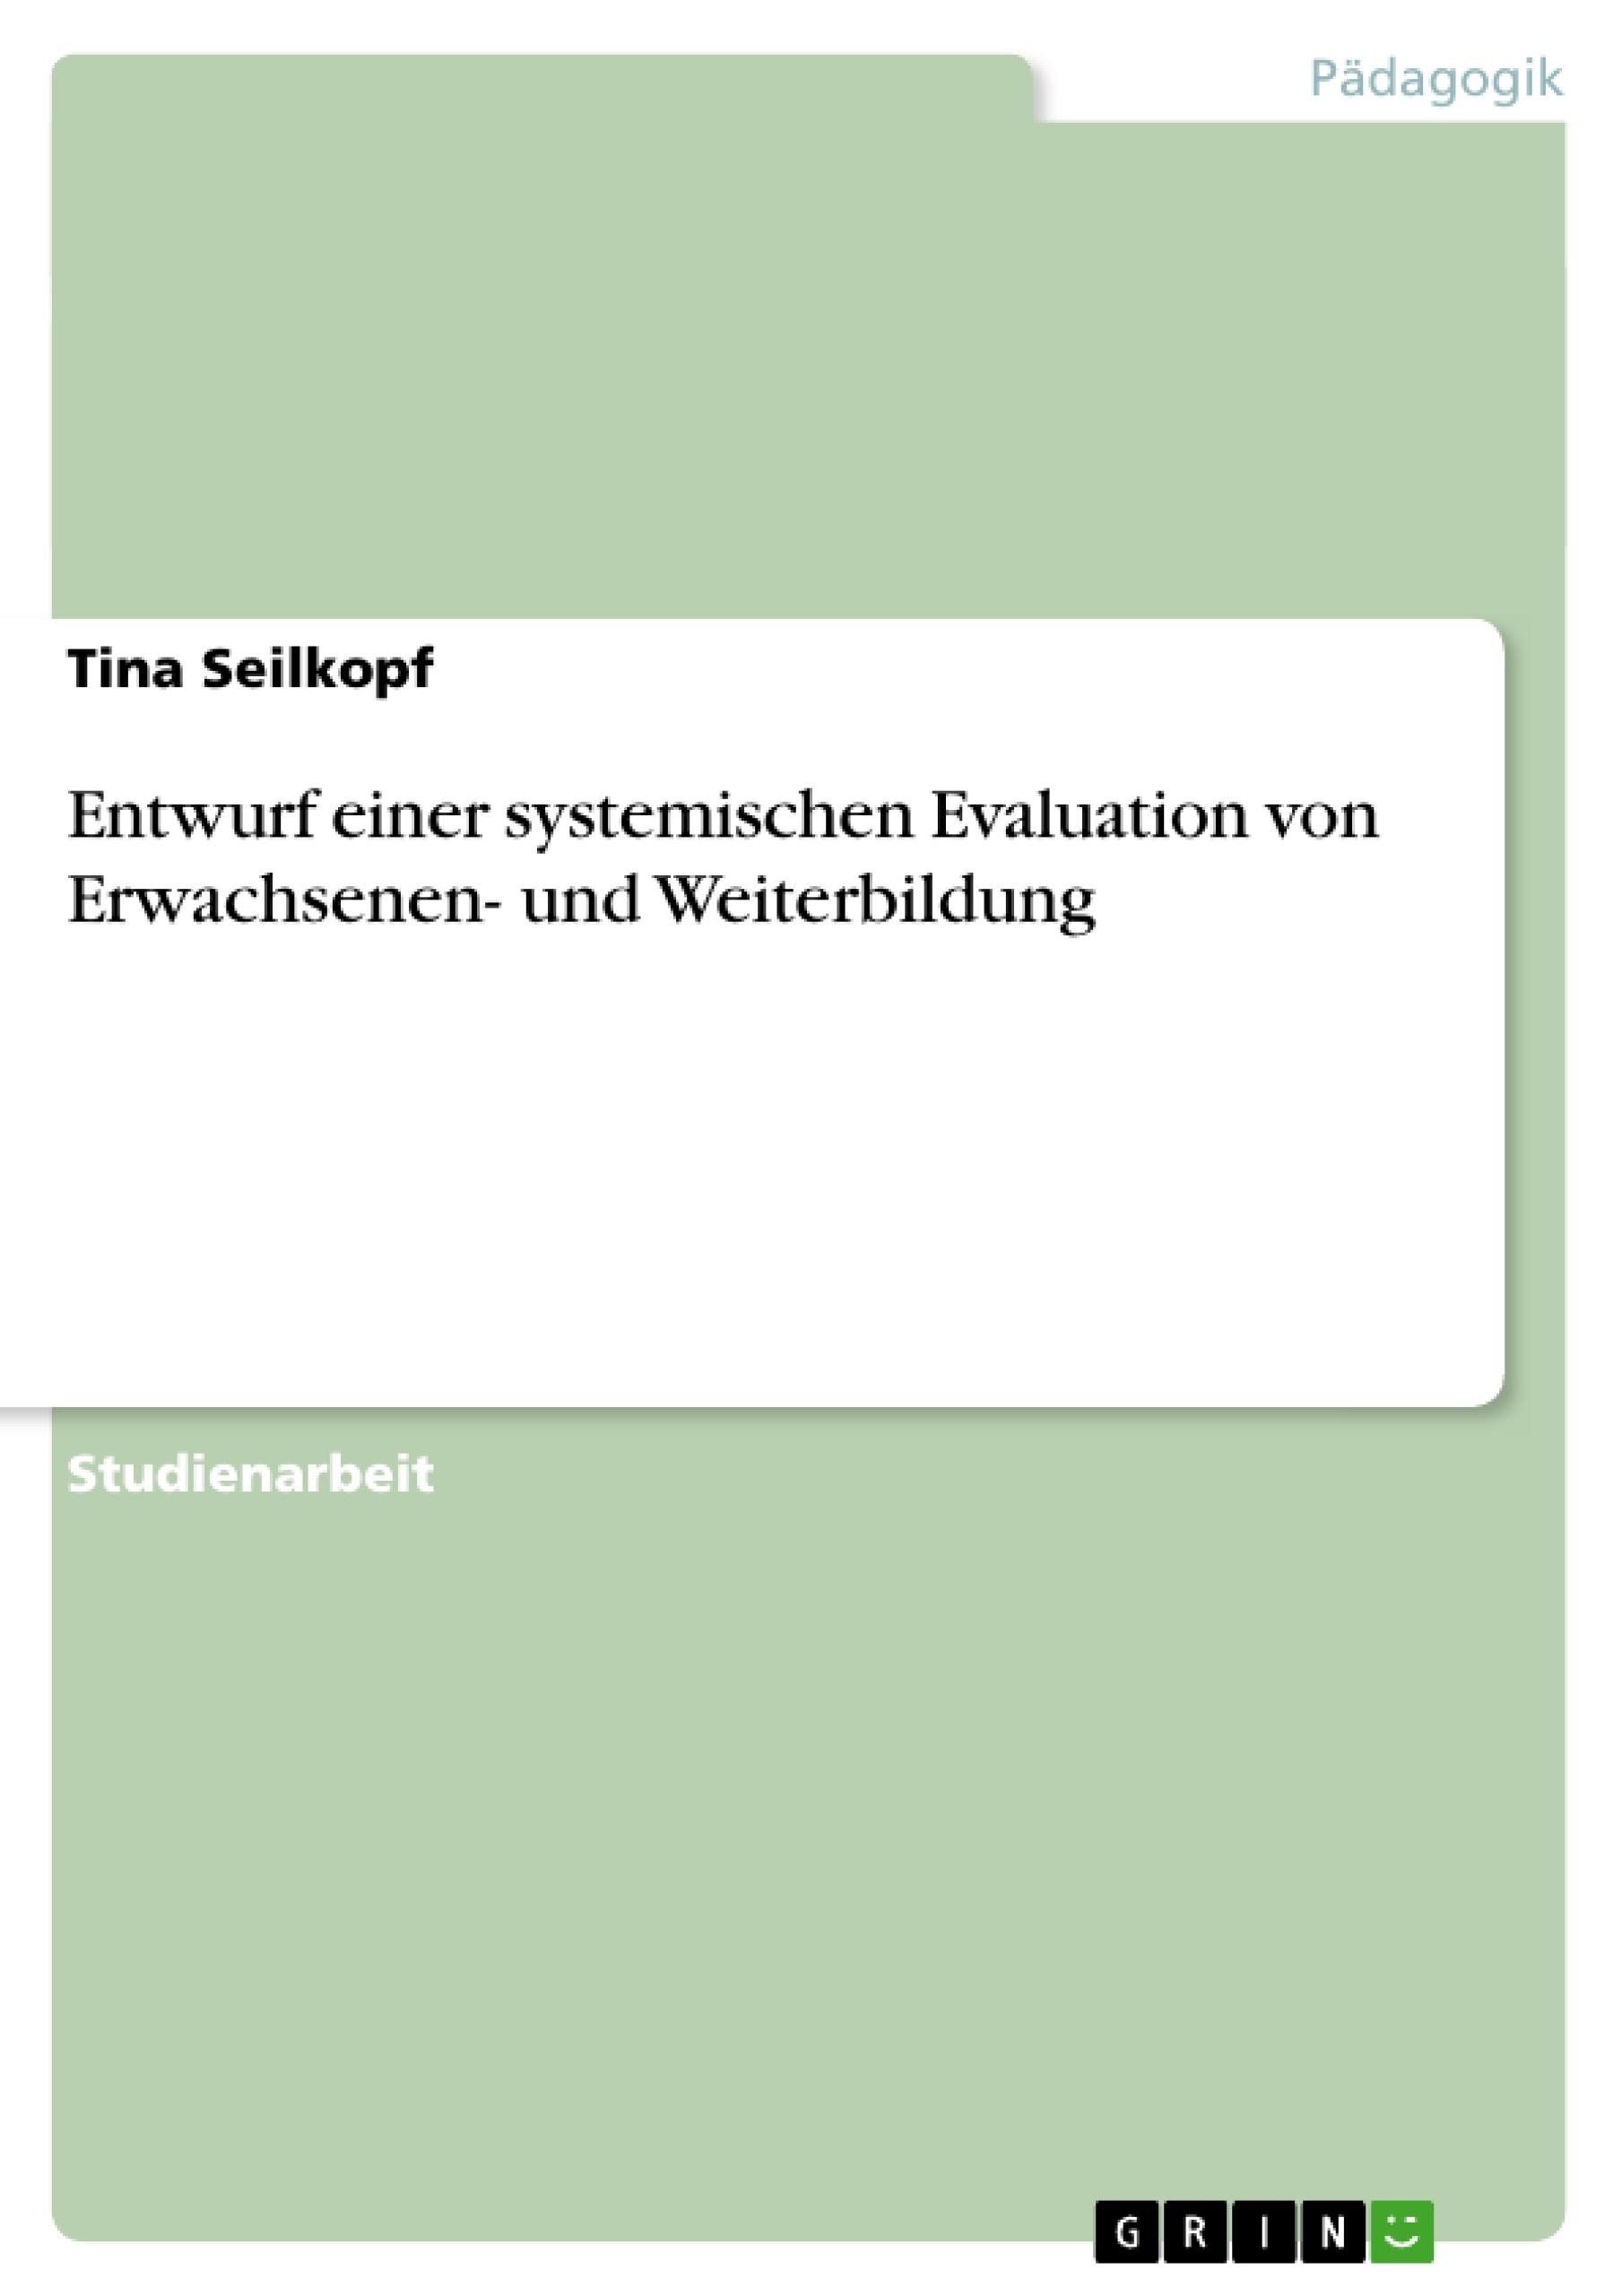 Titel: Entwurf einer systemischen Evaluation von Erwachsenen- und Weiterbildung